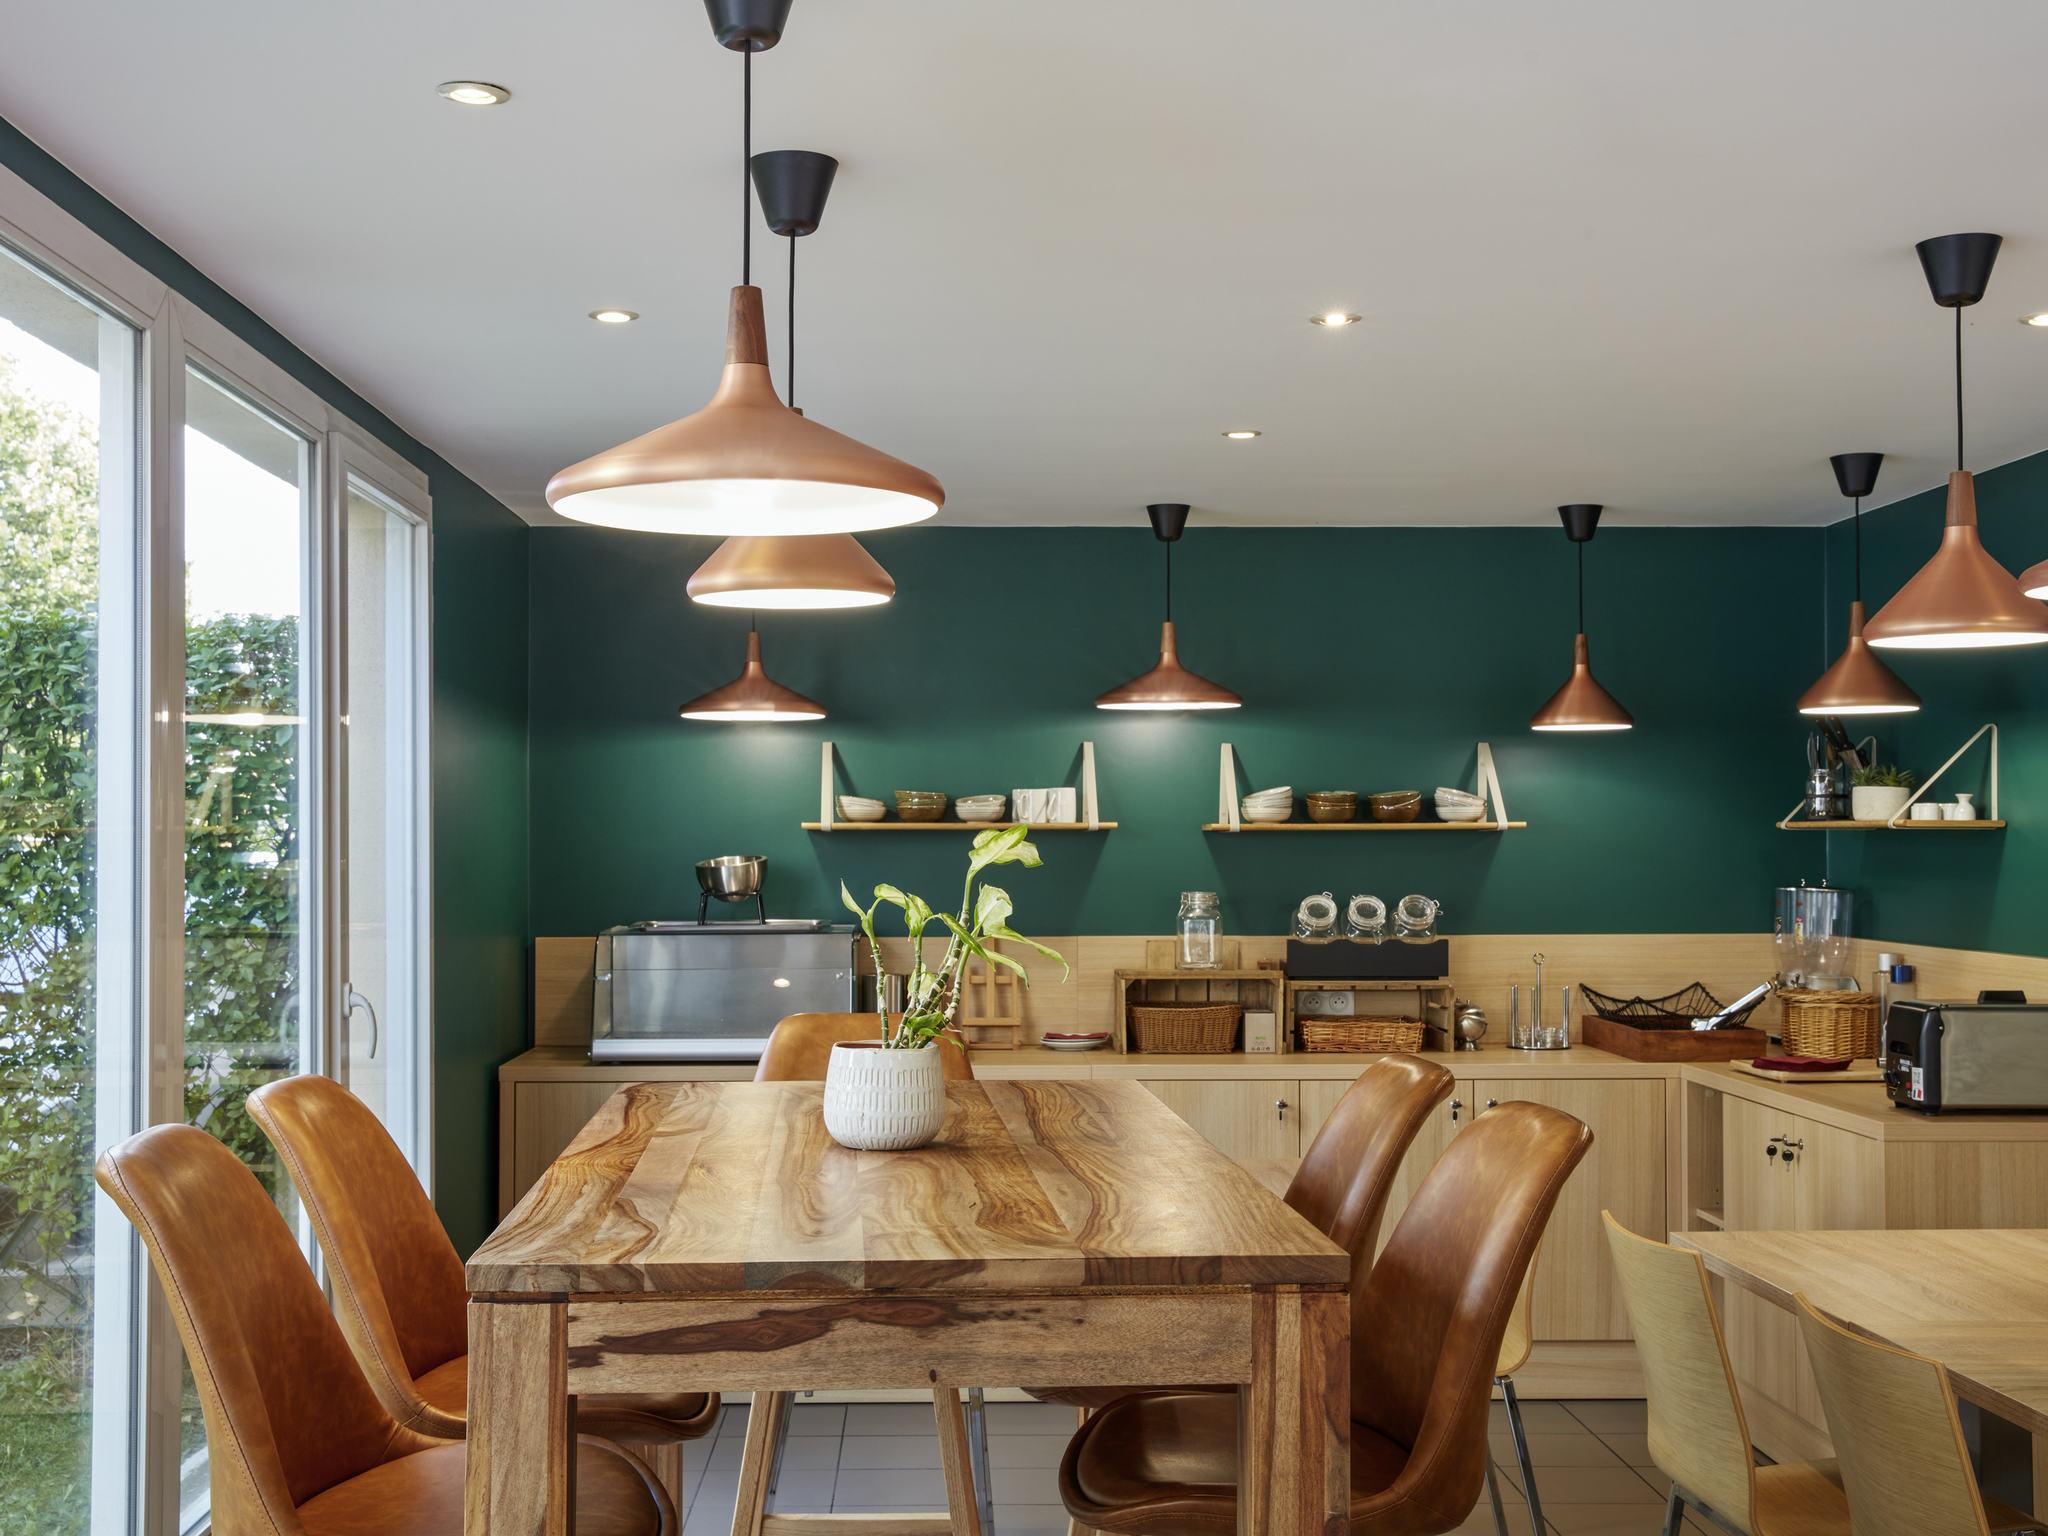 ホテル – Aparthotel Adagio access Carrières-sous-Poissy